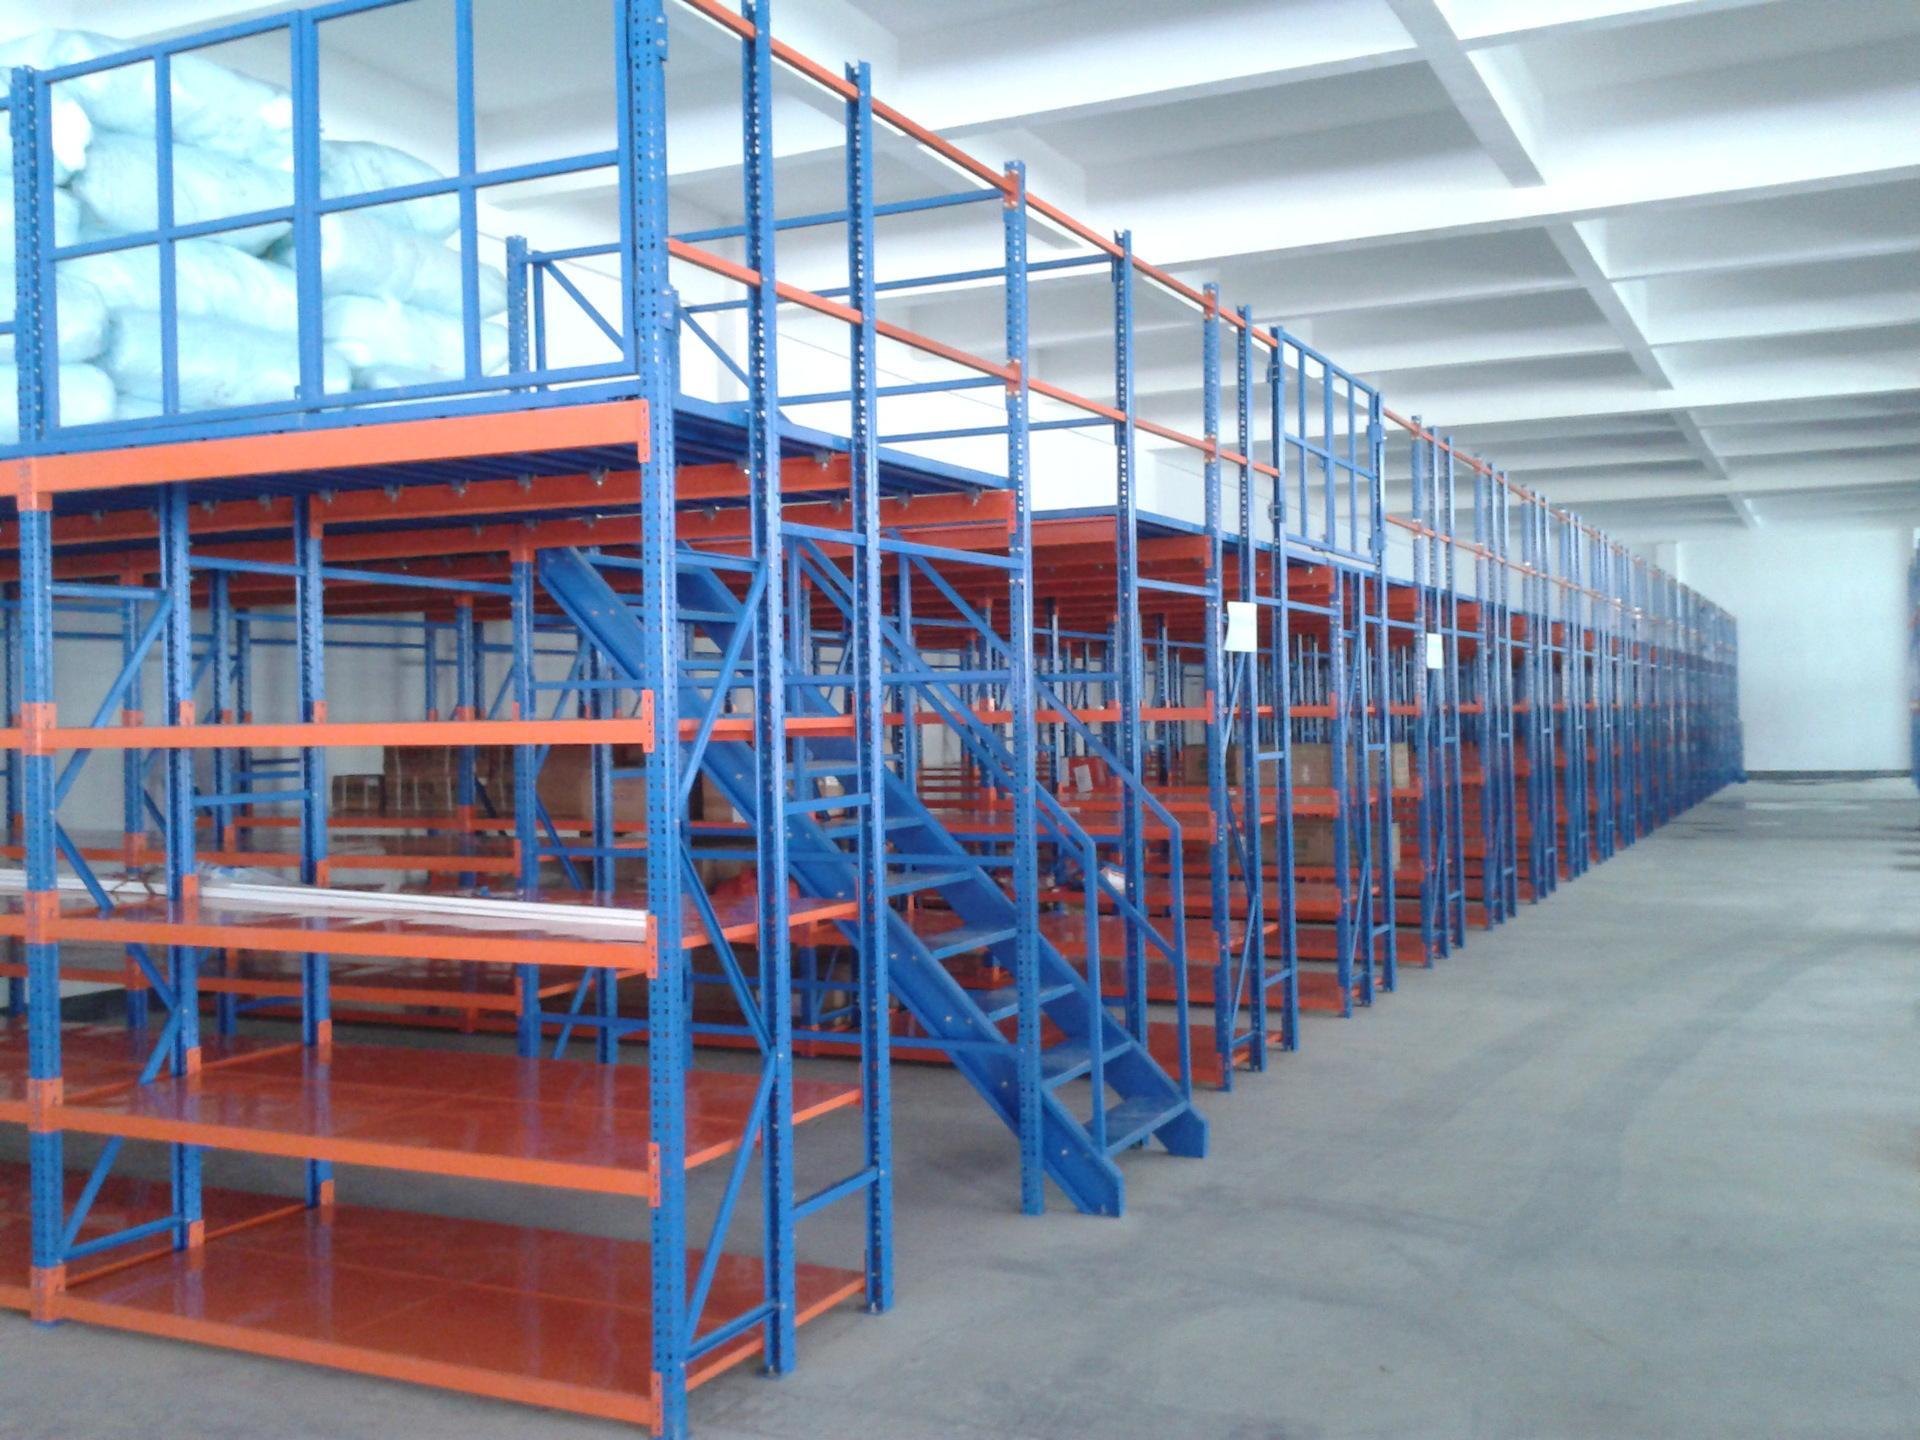 阁楼式货架设计几层比较合理